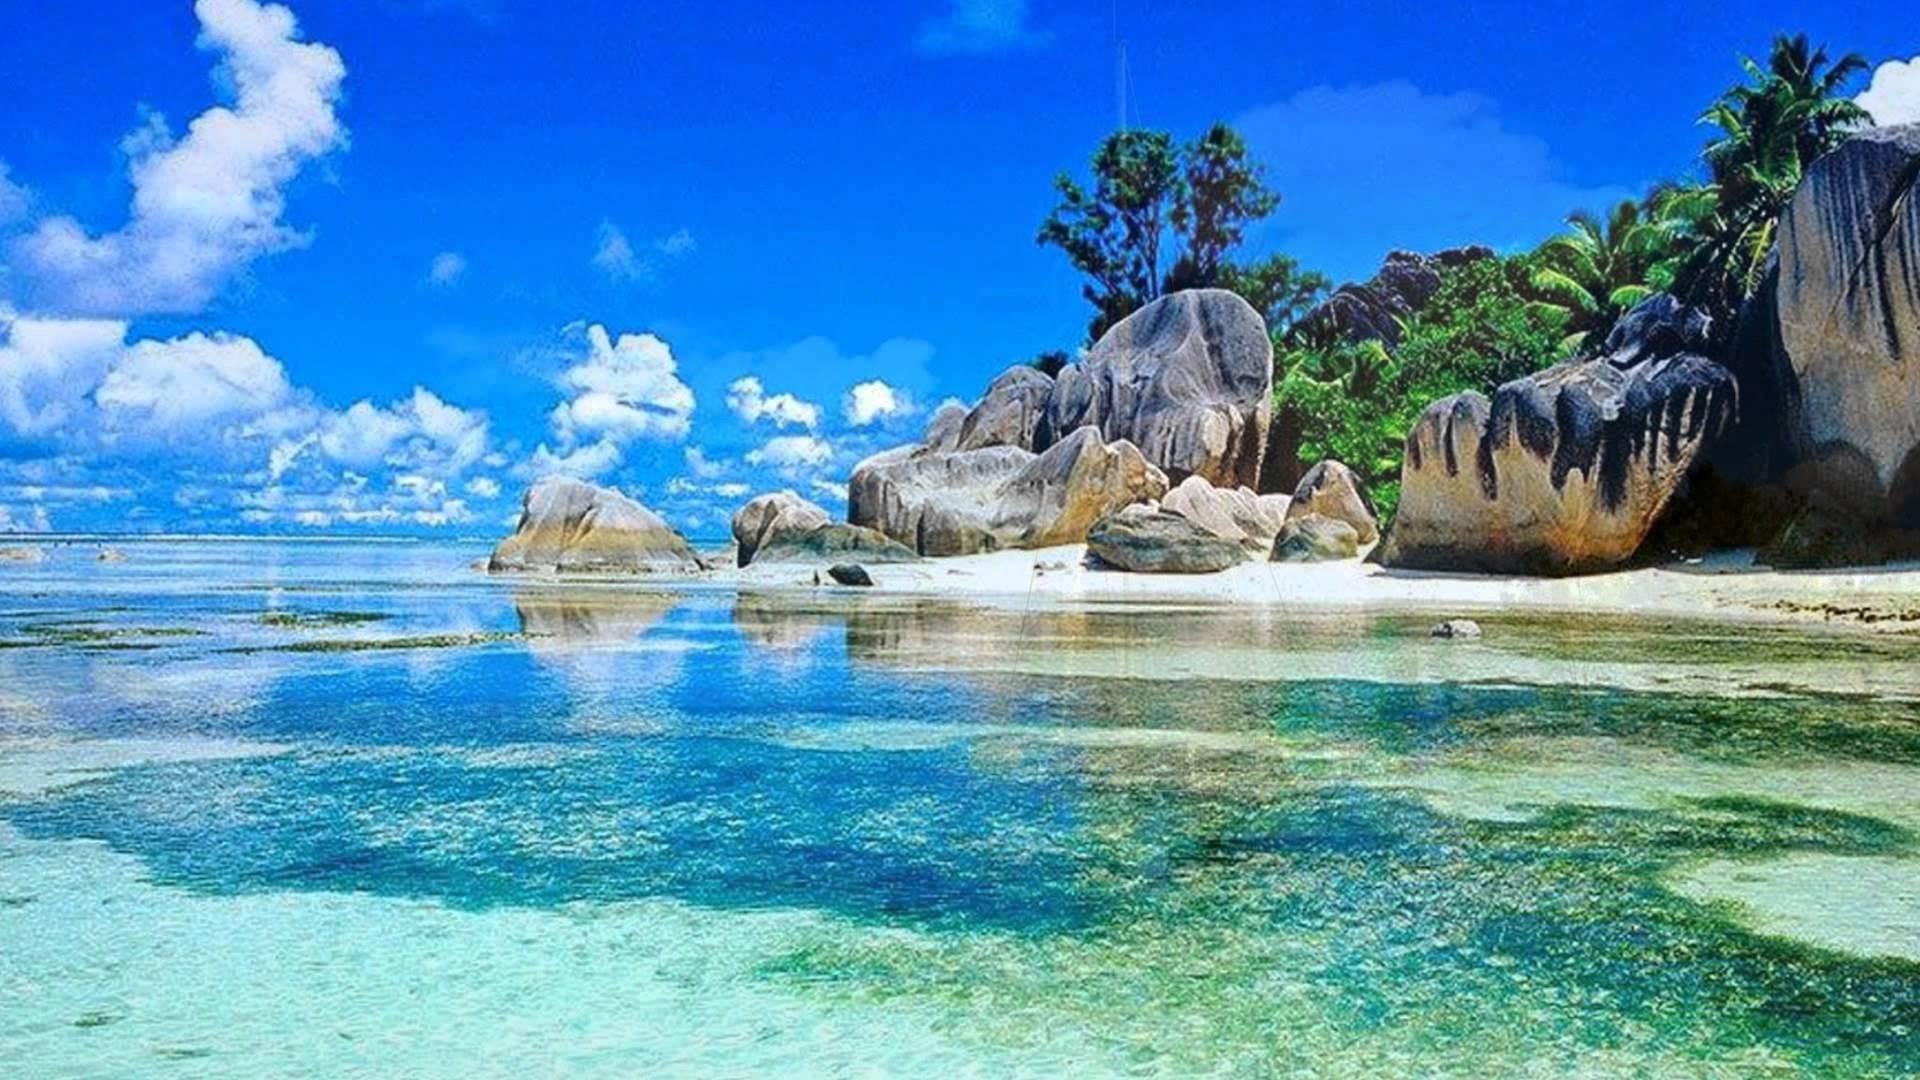 Island High Definition